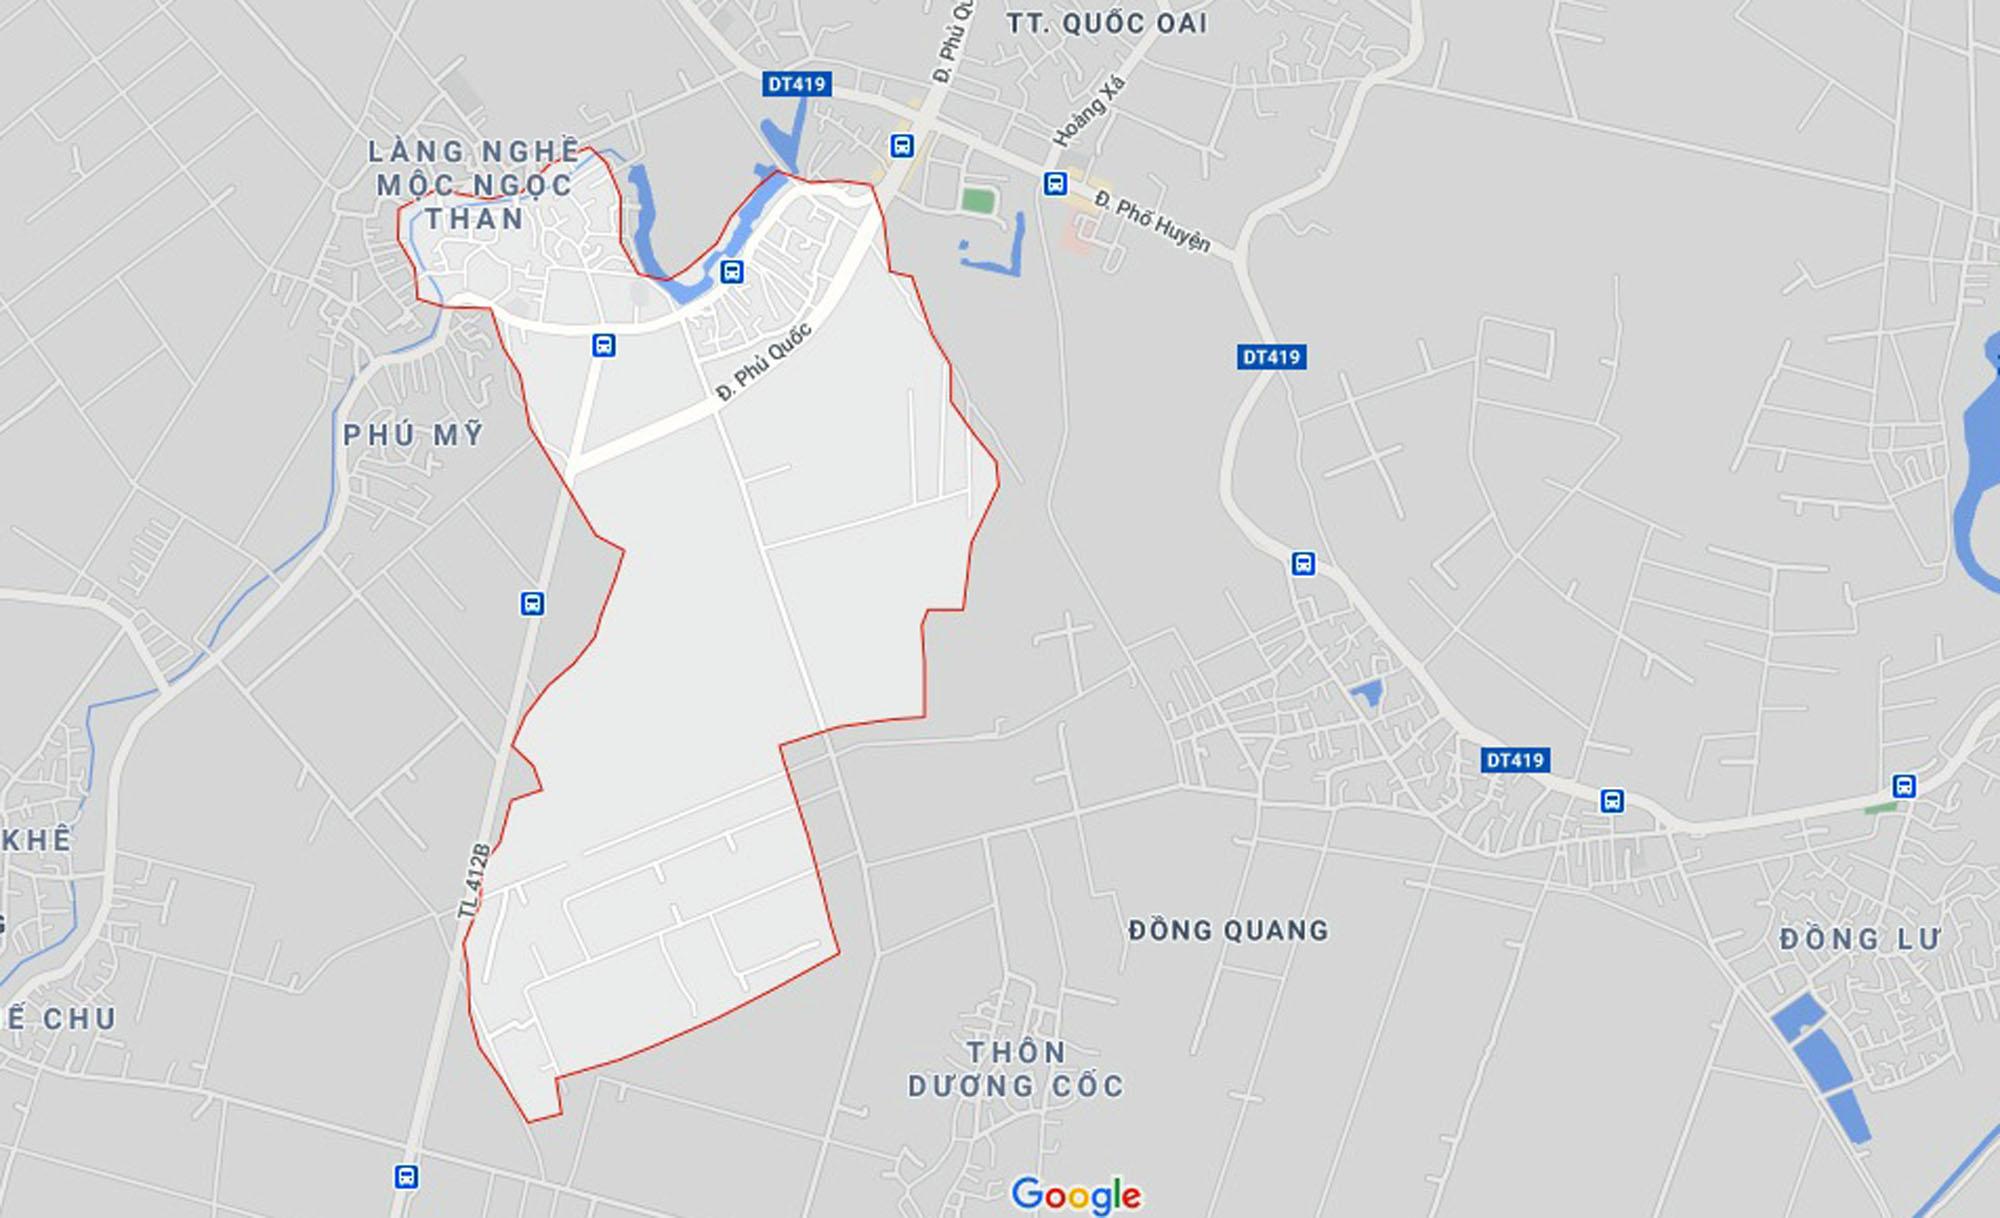 đường sẽ mở theo qui hoạch ở xã Thạch Thán, Quốc Oai, Hà Nội - Ảnh 1.